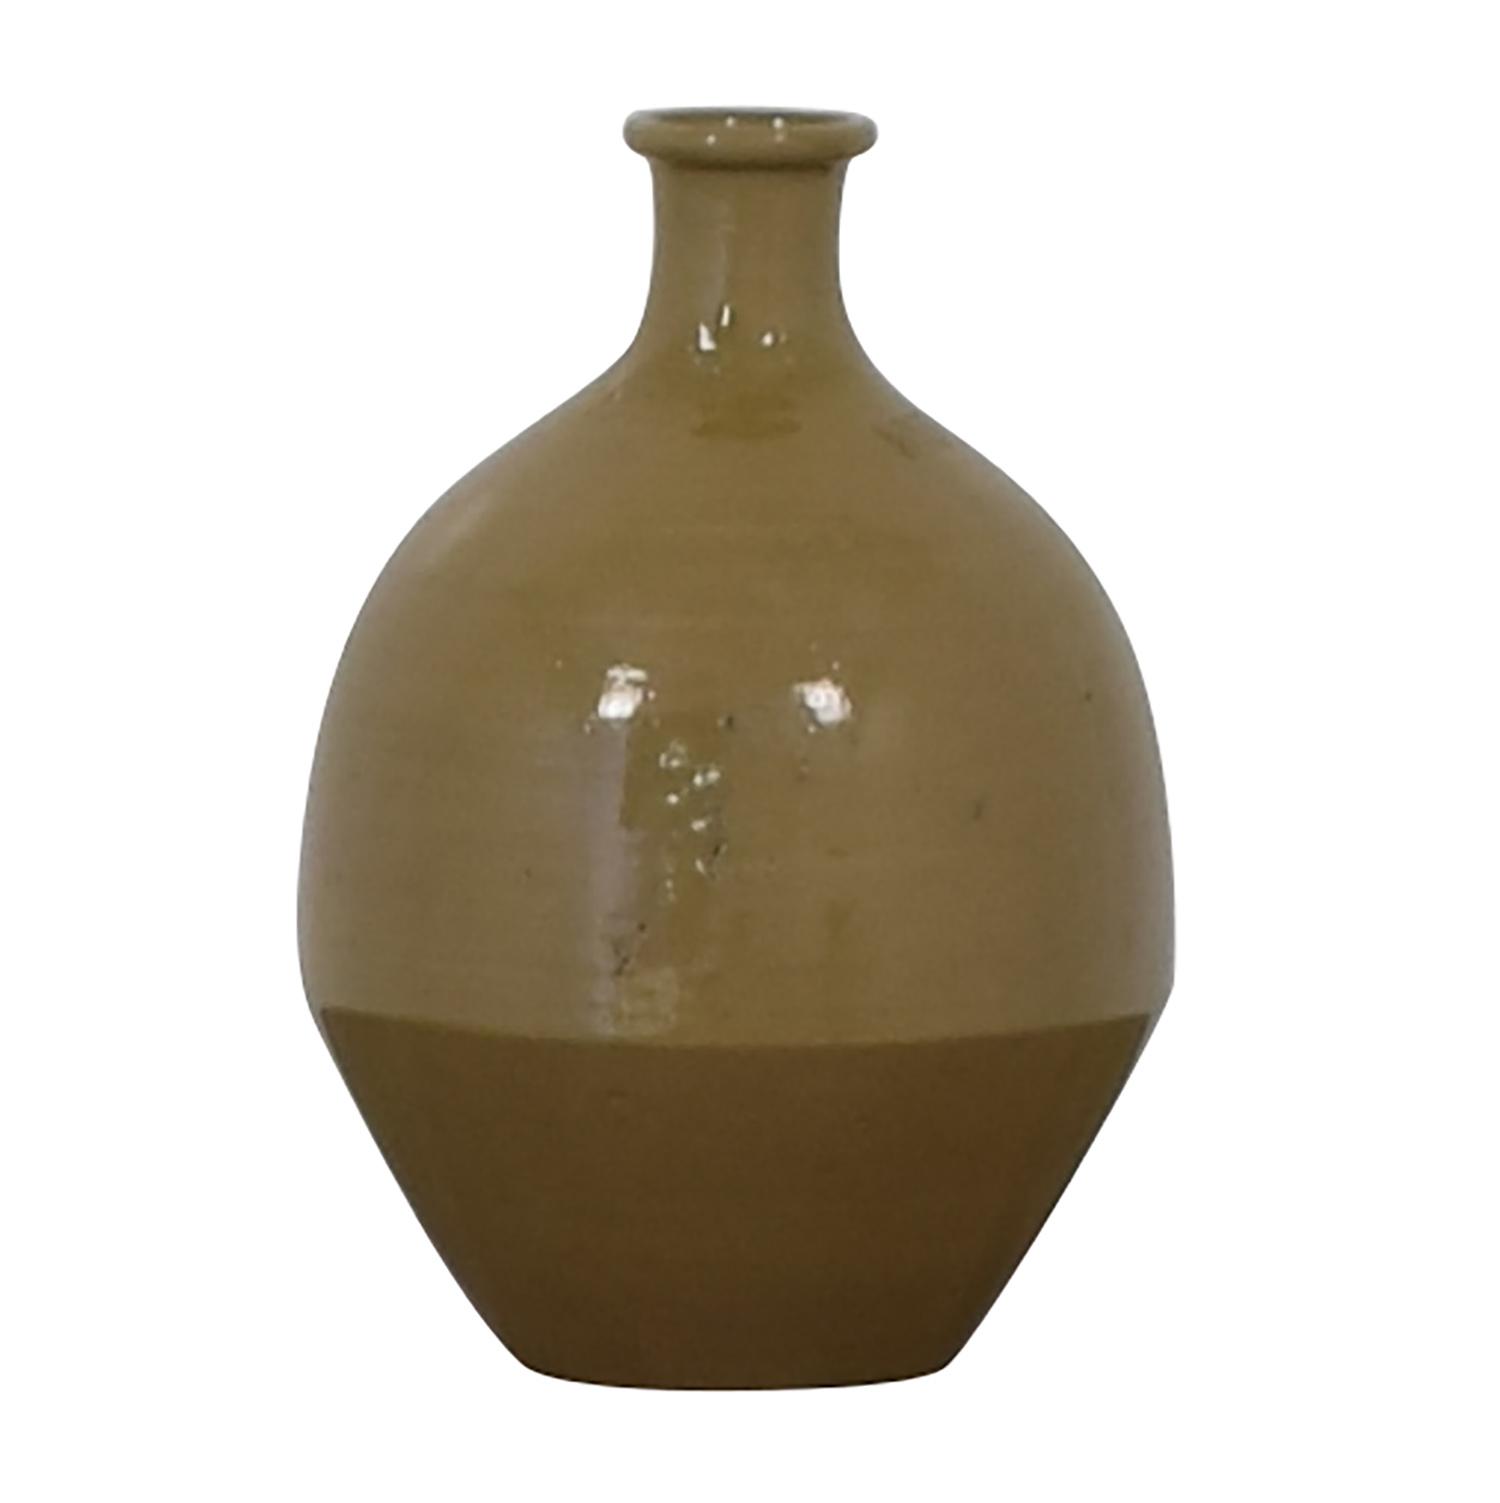 Pottery Barn Pottery Barn Beige Ceramic Vase nj